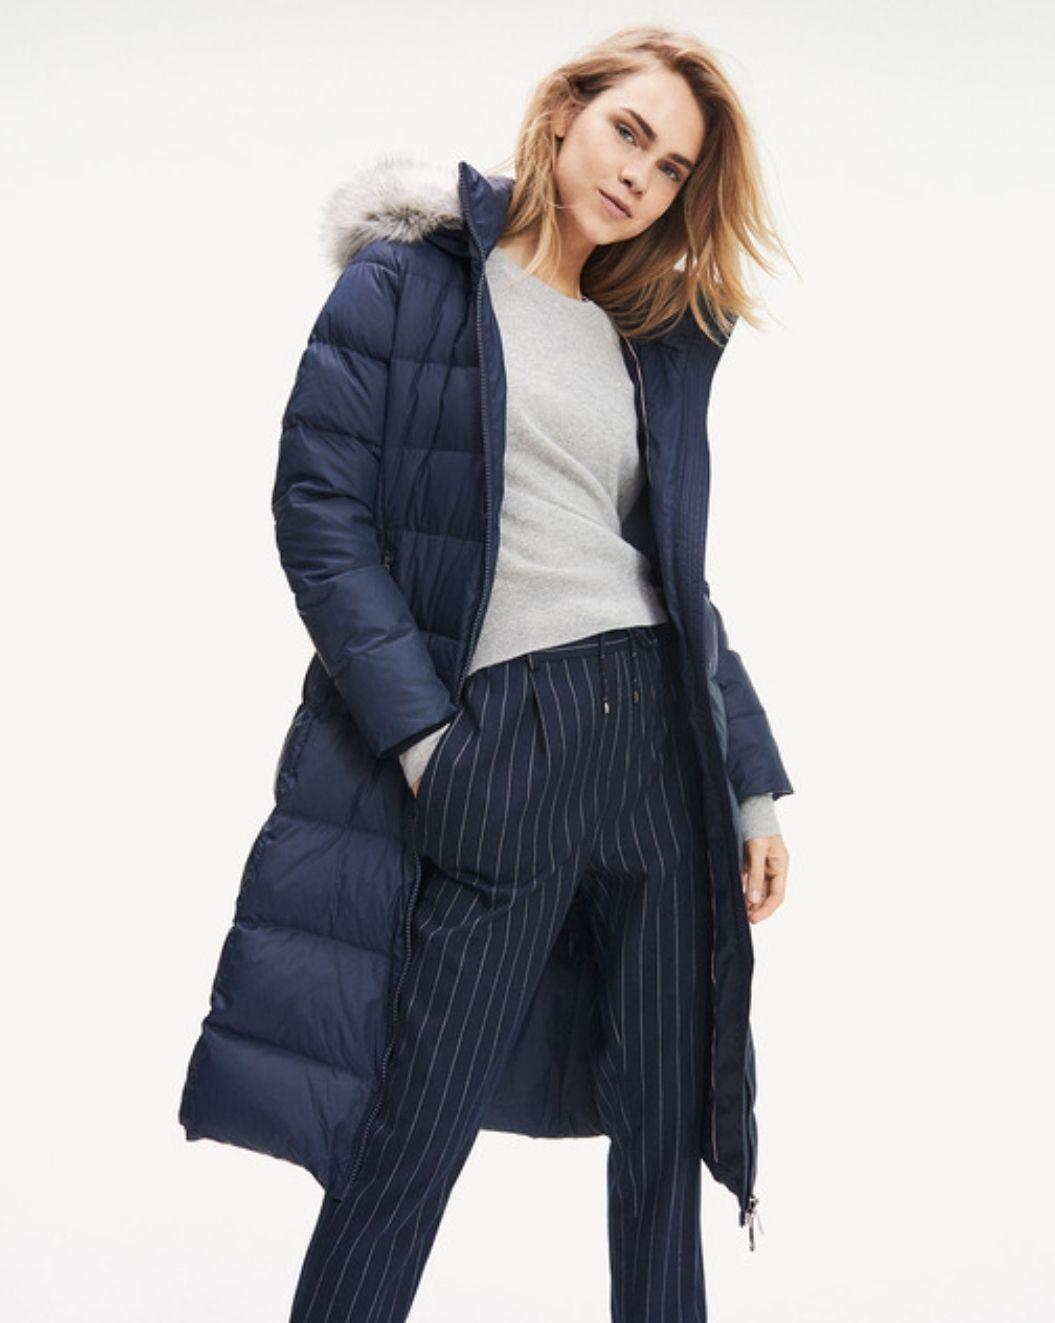 Abrigo acolchado de mujer Tommy Hilfiger azul marino con capucha